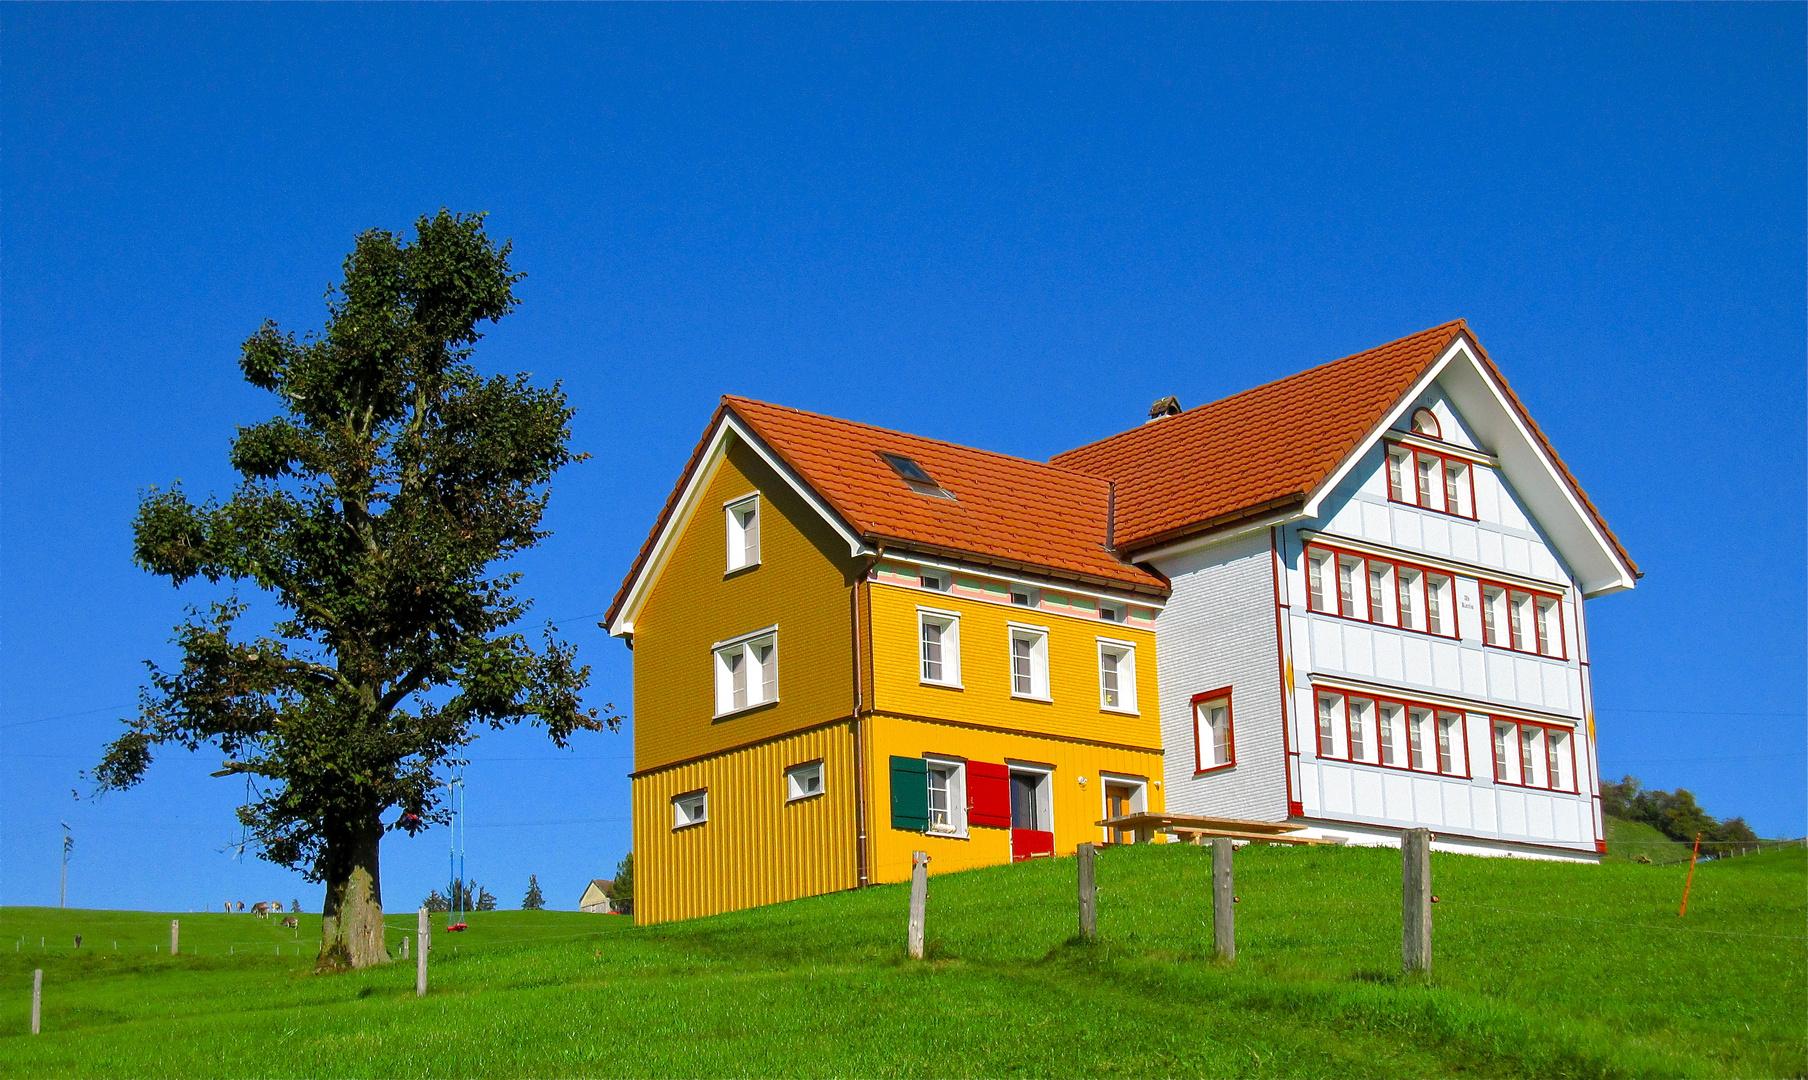 Ein Appenzeller-Haus wie es im Buche steht. Ein Bilderbuch-Appenzellerhaus